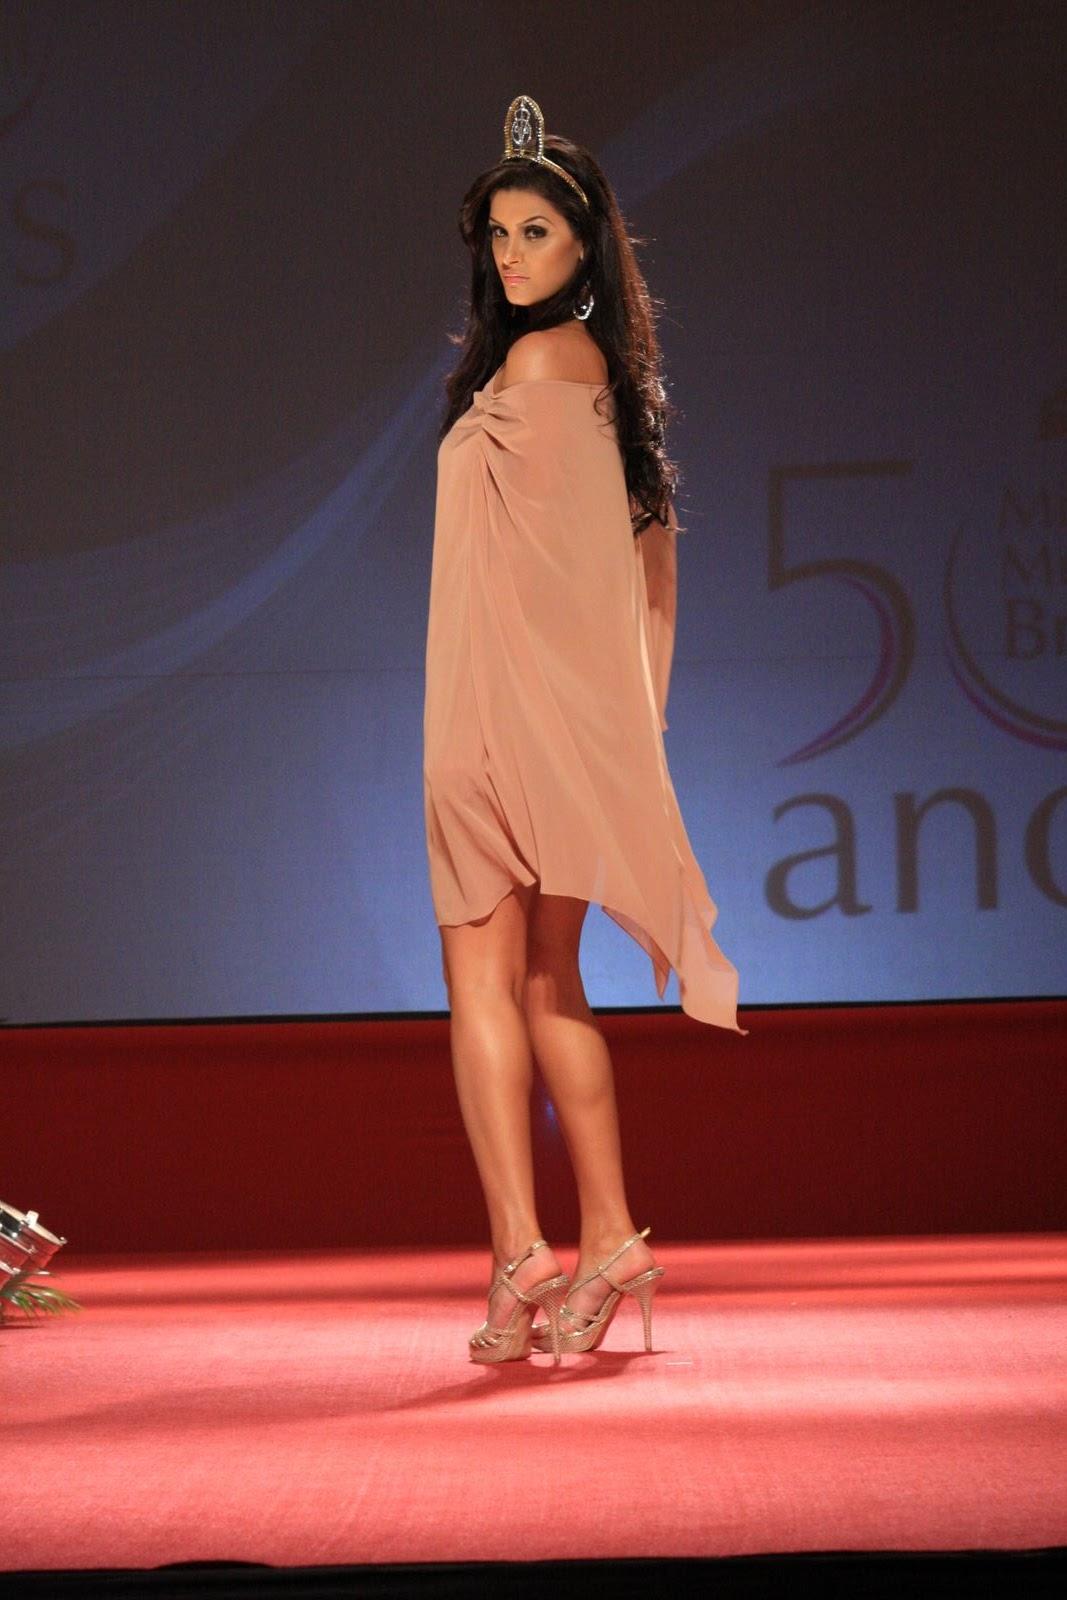 vivian noronha, rainha hispanoamericana 2008. suplente. - Página 2 Xyadota3